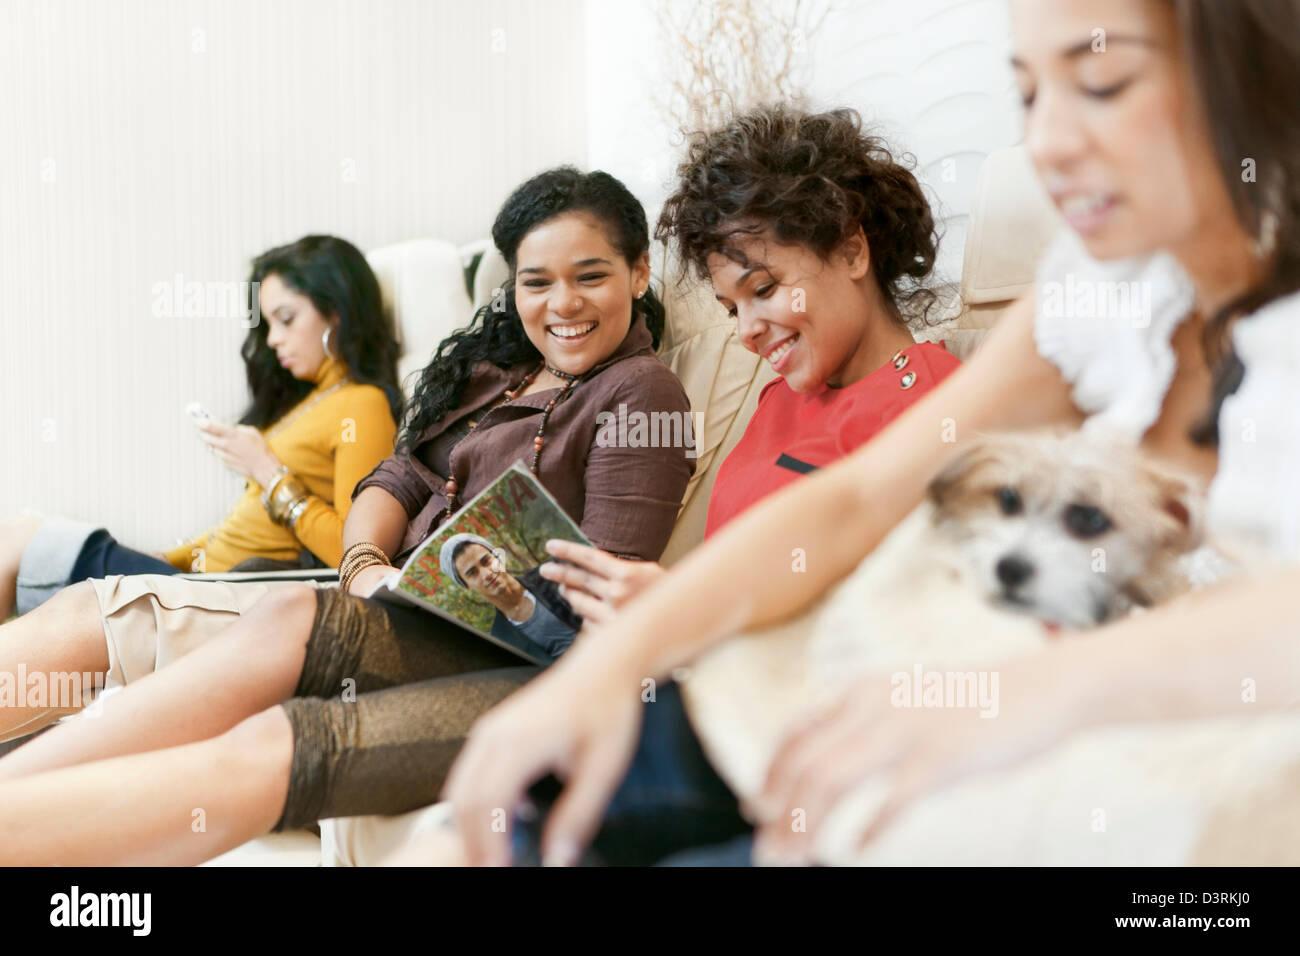 Ricca di latina e donne ispaniche avente pedicure in beauty spa. Nota:copertina fittizia, foto di me, rilascio allegate. Foto Stock